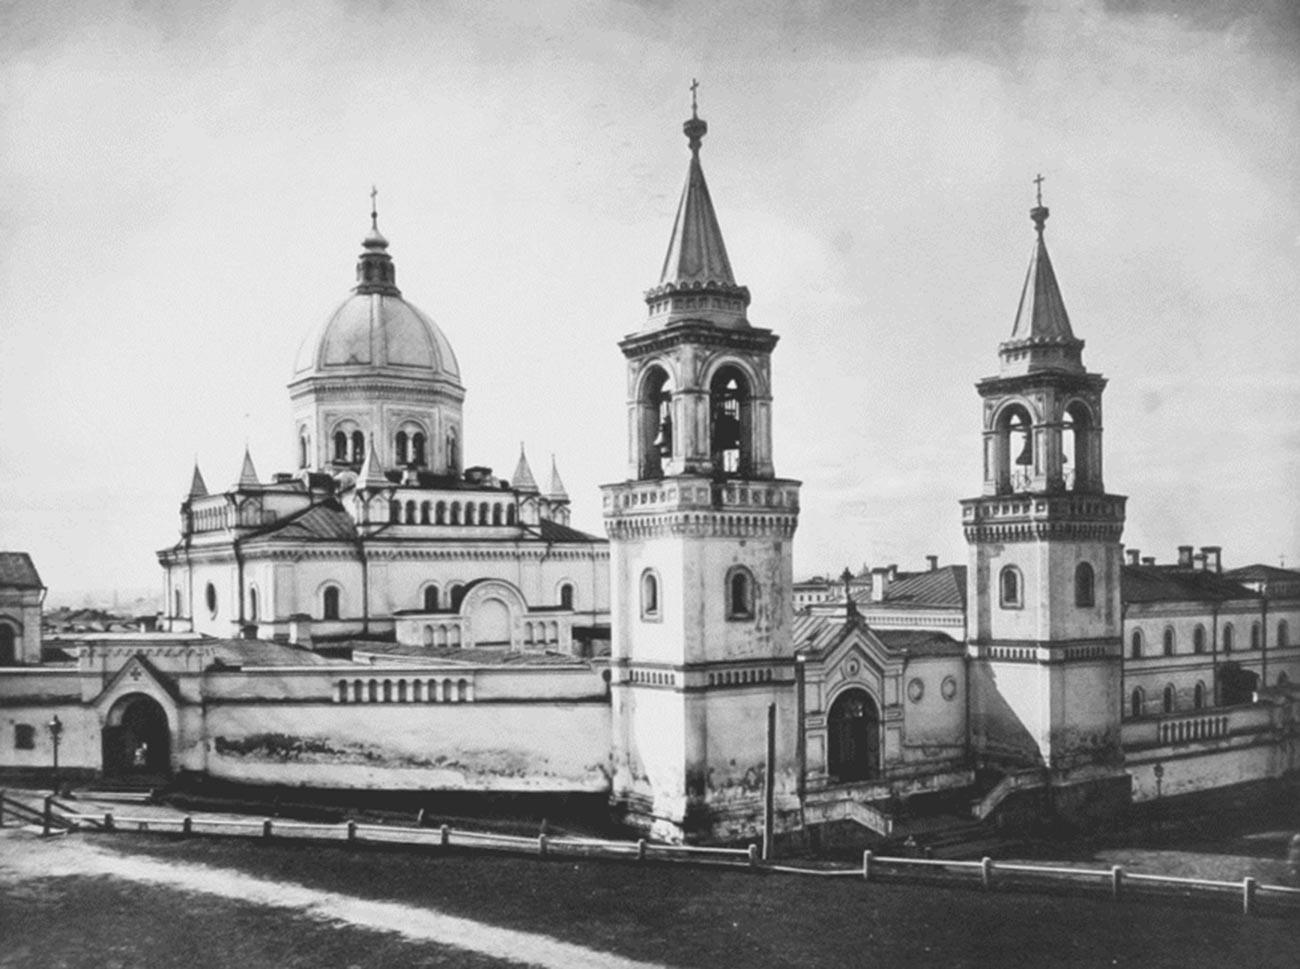 Das Iwanowski-Kloster, in dem Sophias Ehemann in den 1920er Jahren in einem Konzentrationslager festgehalten wurde.